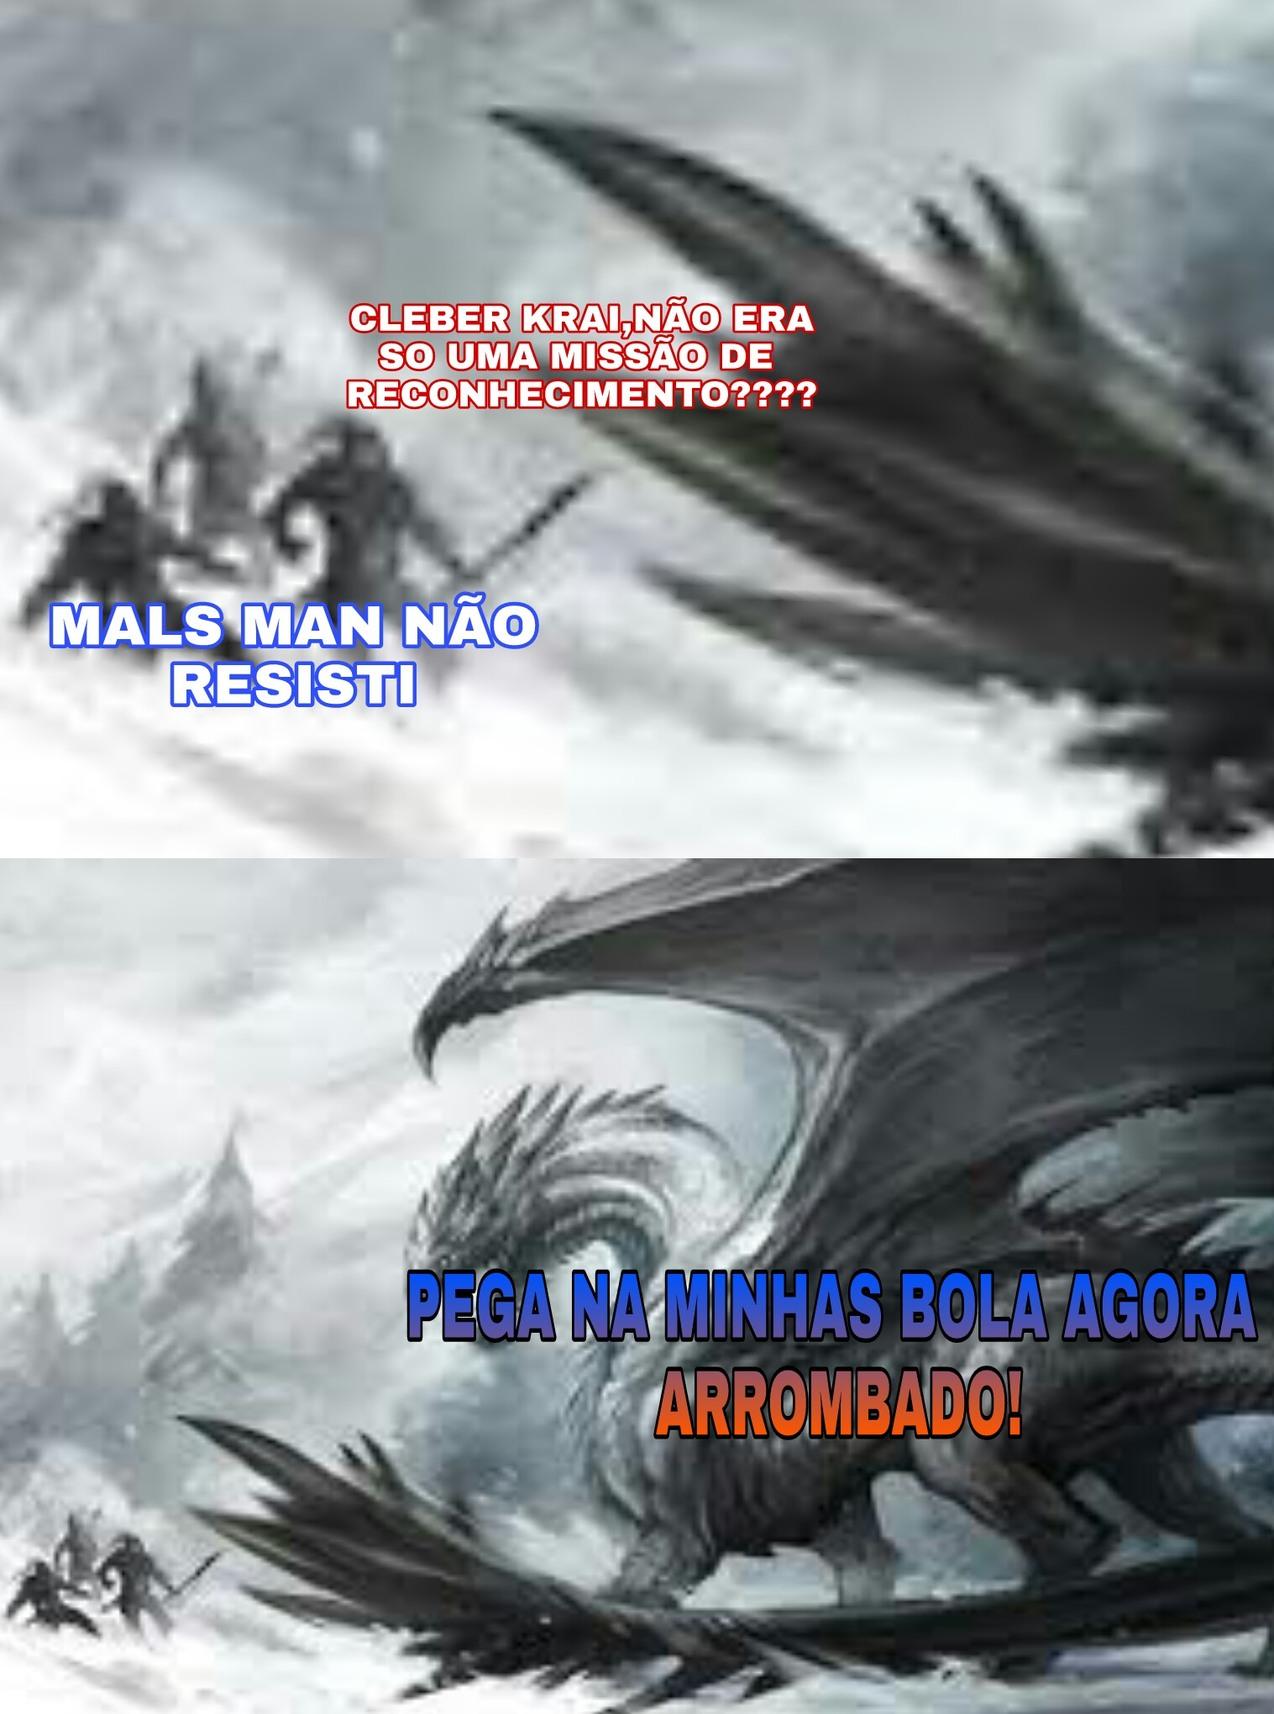 DragonBall Z - meme